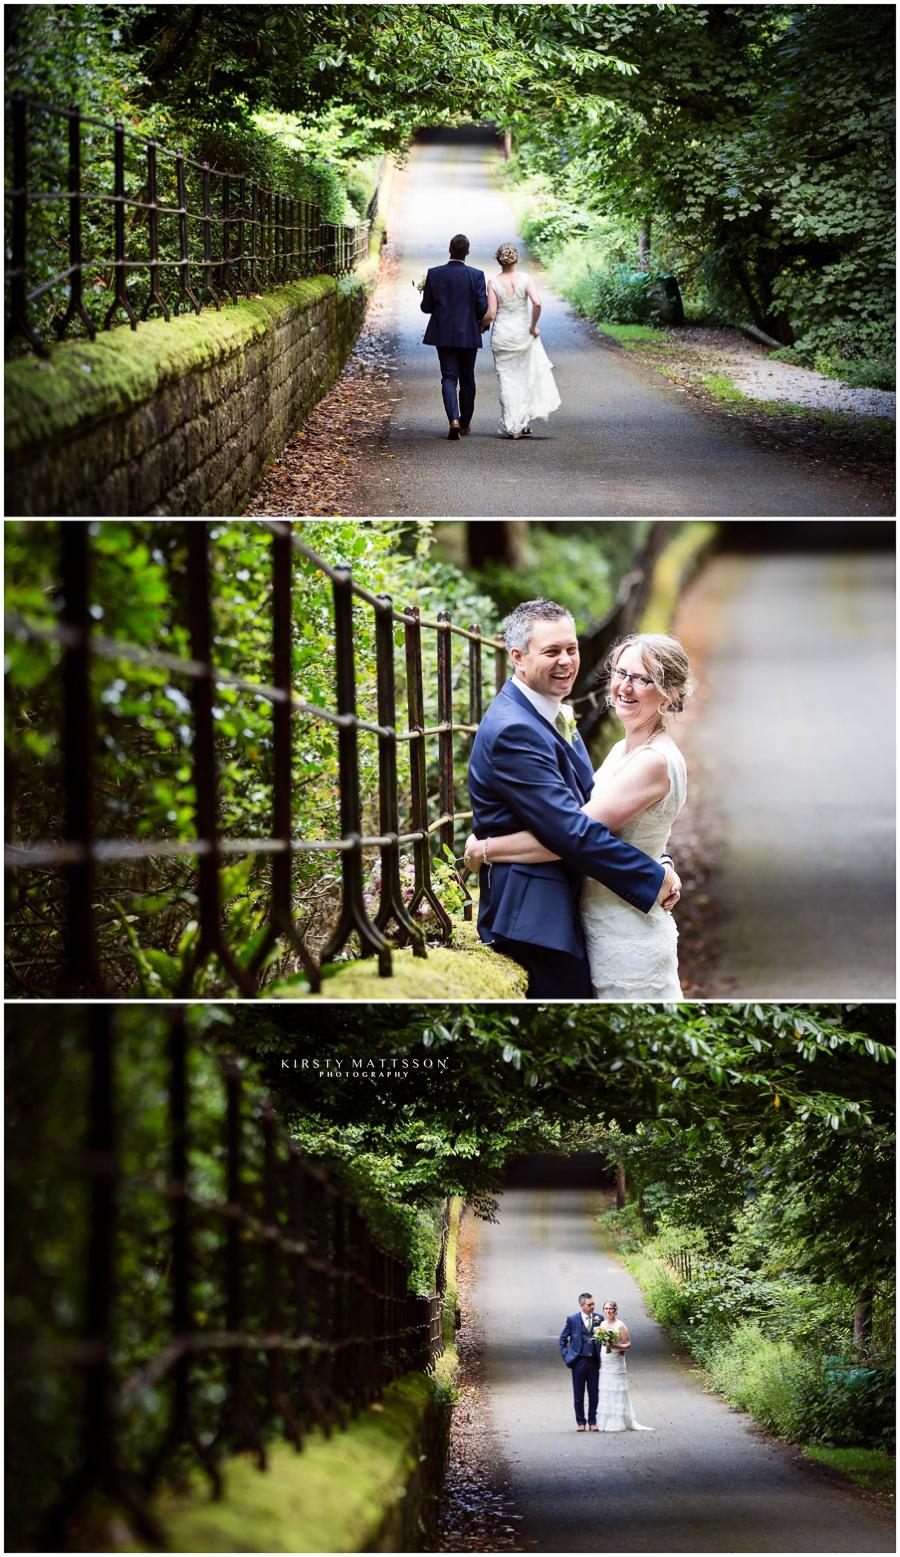 pa-weddingphotopgraphy-18